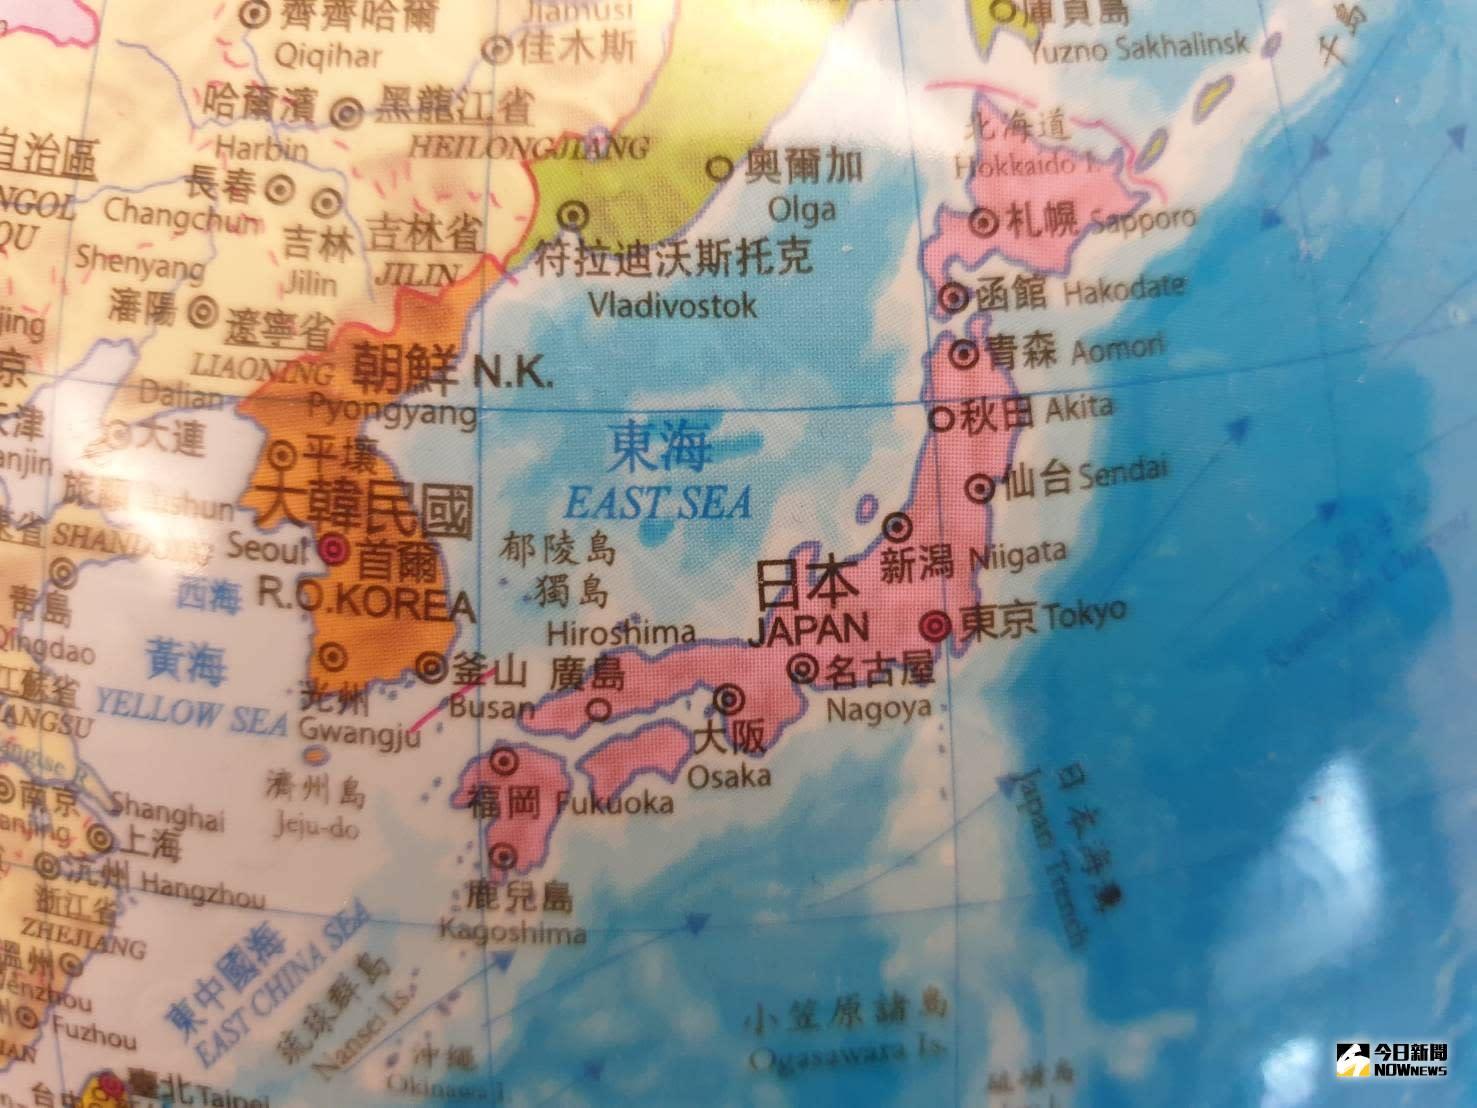 ▲全球半導體產業中,台、日、韓供應鏈相互依存,關係既競爭又合作,此次日韓貿易戰開打,台廠利弊得失皆有。(圖/NOWnews資料照片)